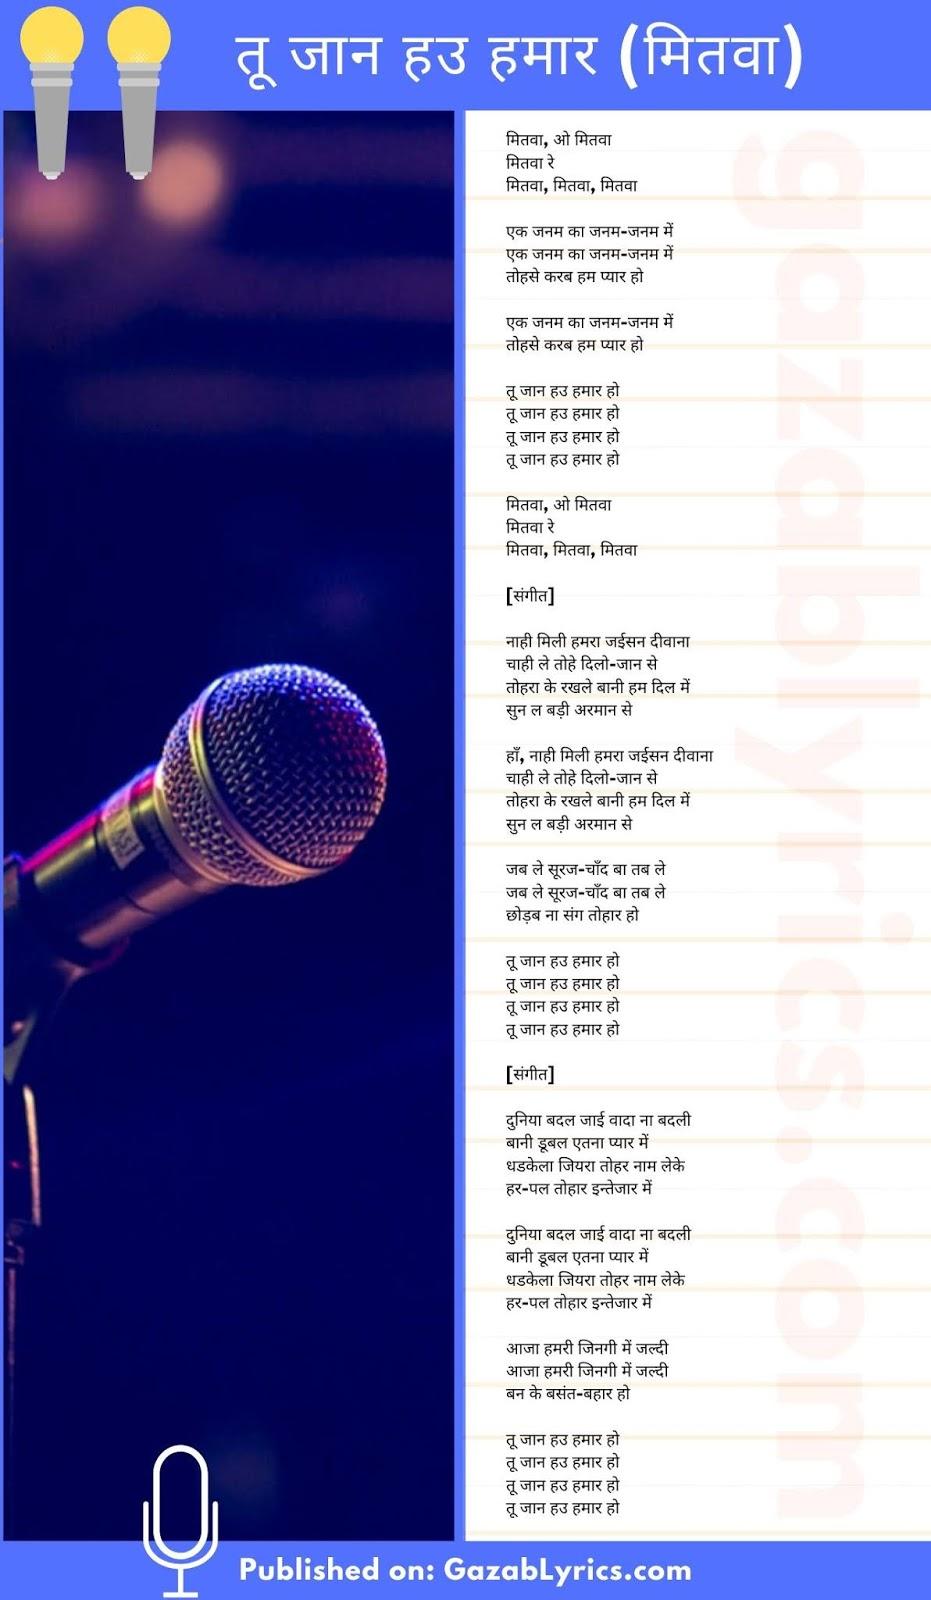 Tu Jaan Hau Hamar song lyrics image